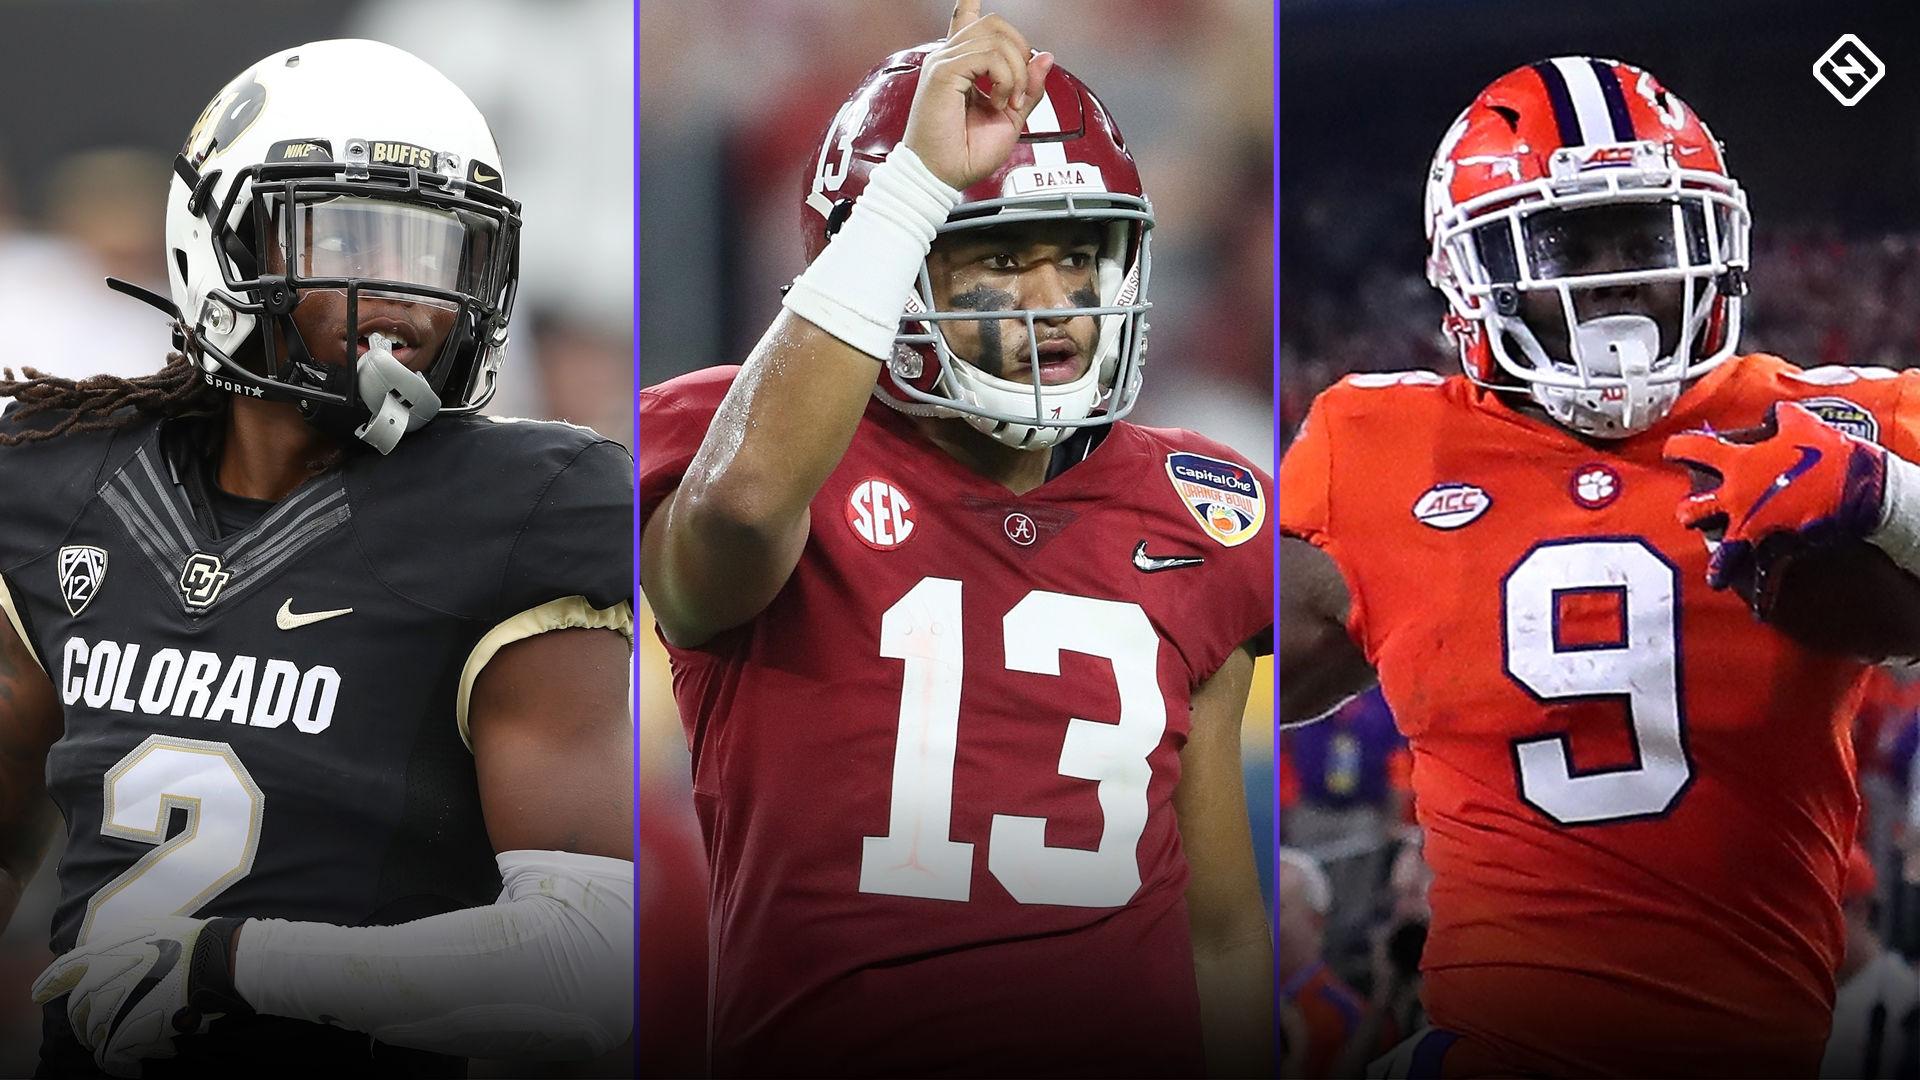 NFL mock draft 2020: Raiders take Tua Tagovailoa at No. 1; Bengals, Lions grab QBs, too